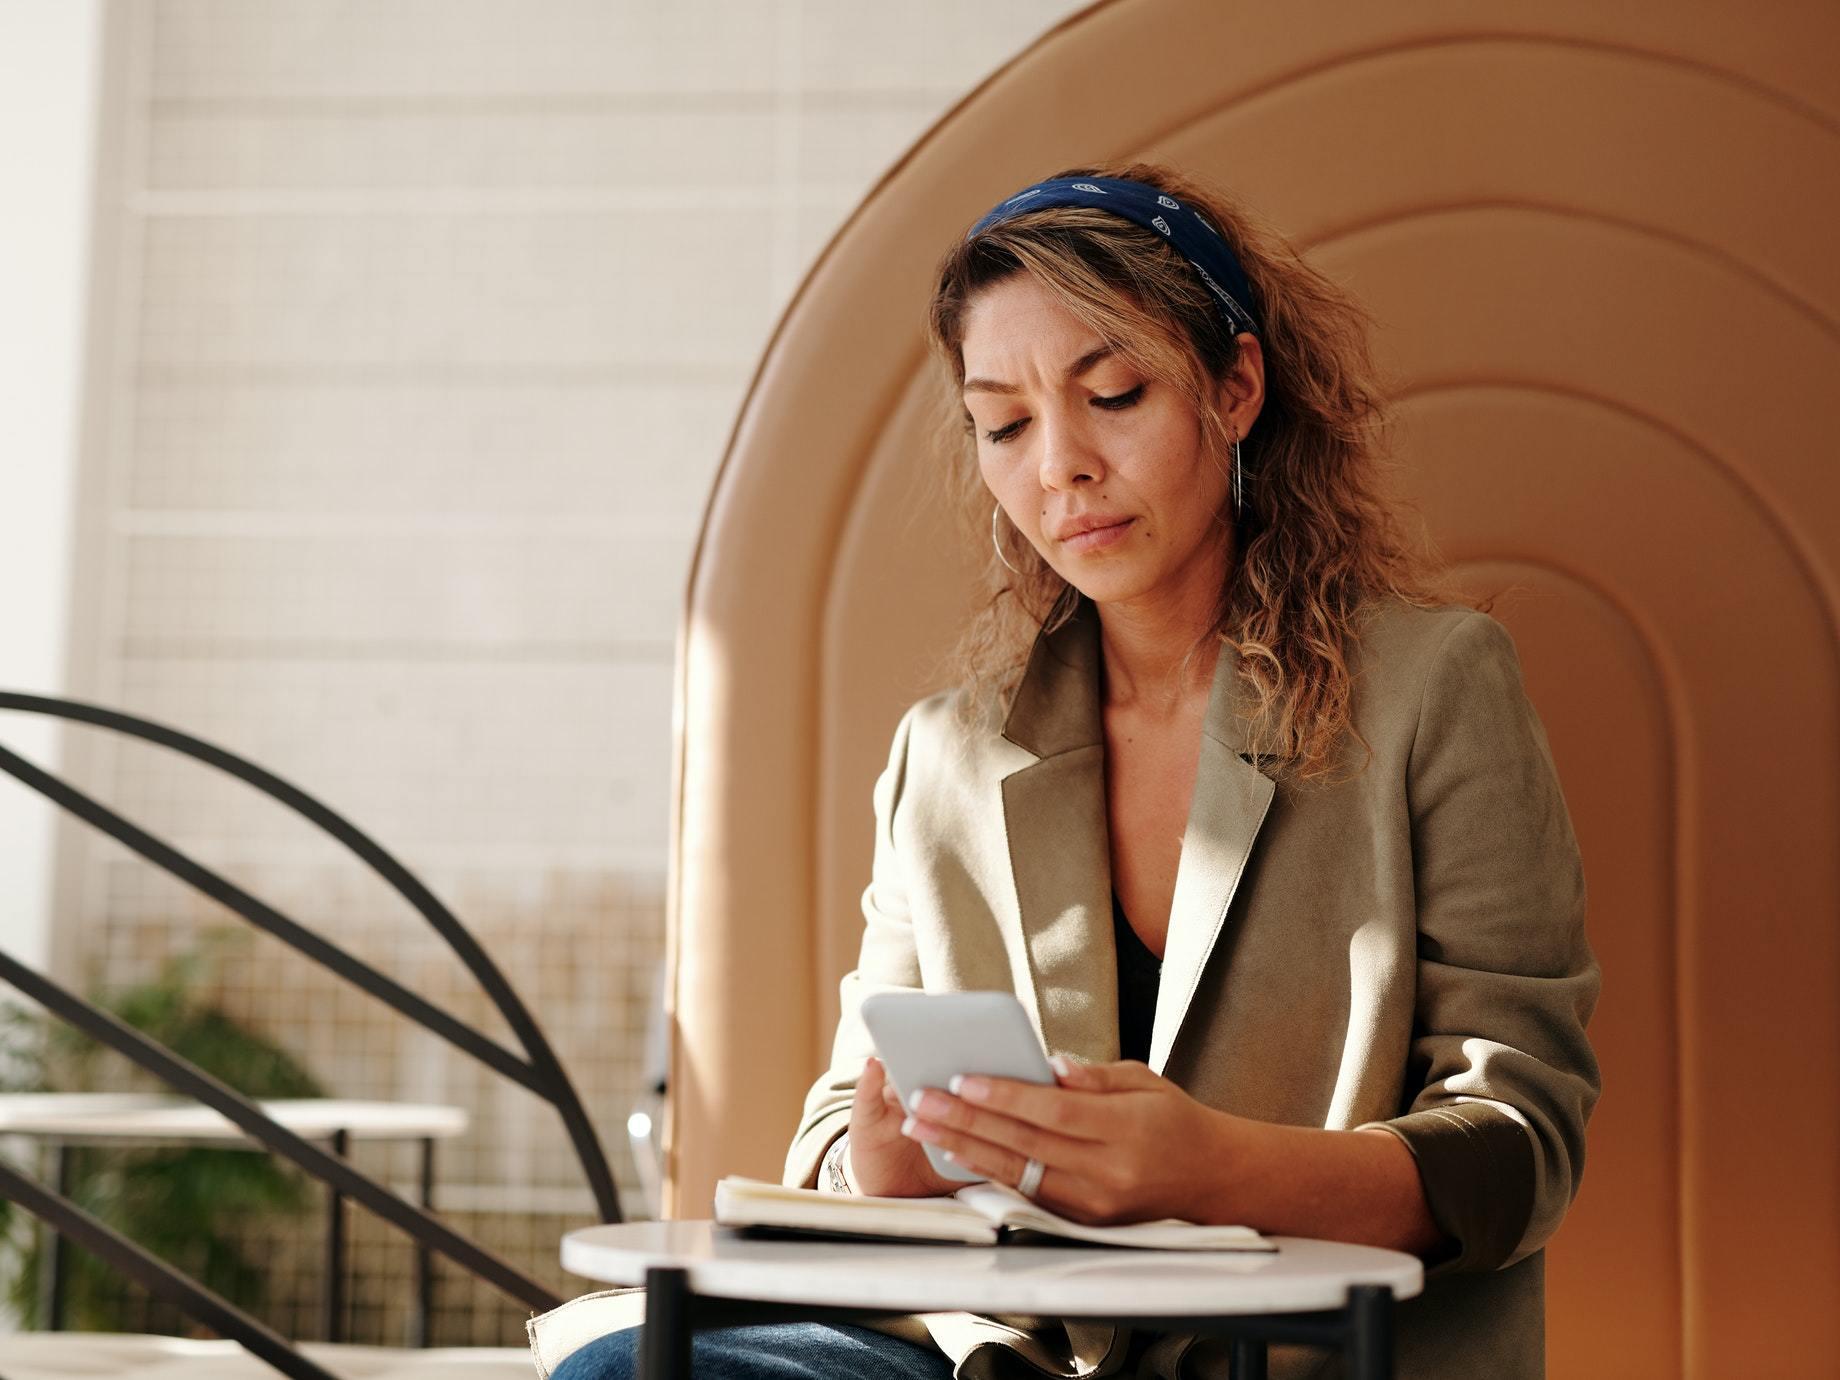 女性創業家後期業績高於男性63%!為什麼在經濟衝擊下,她們仍更容易面臨財務危機?